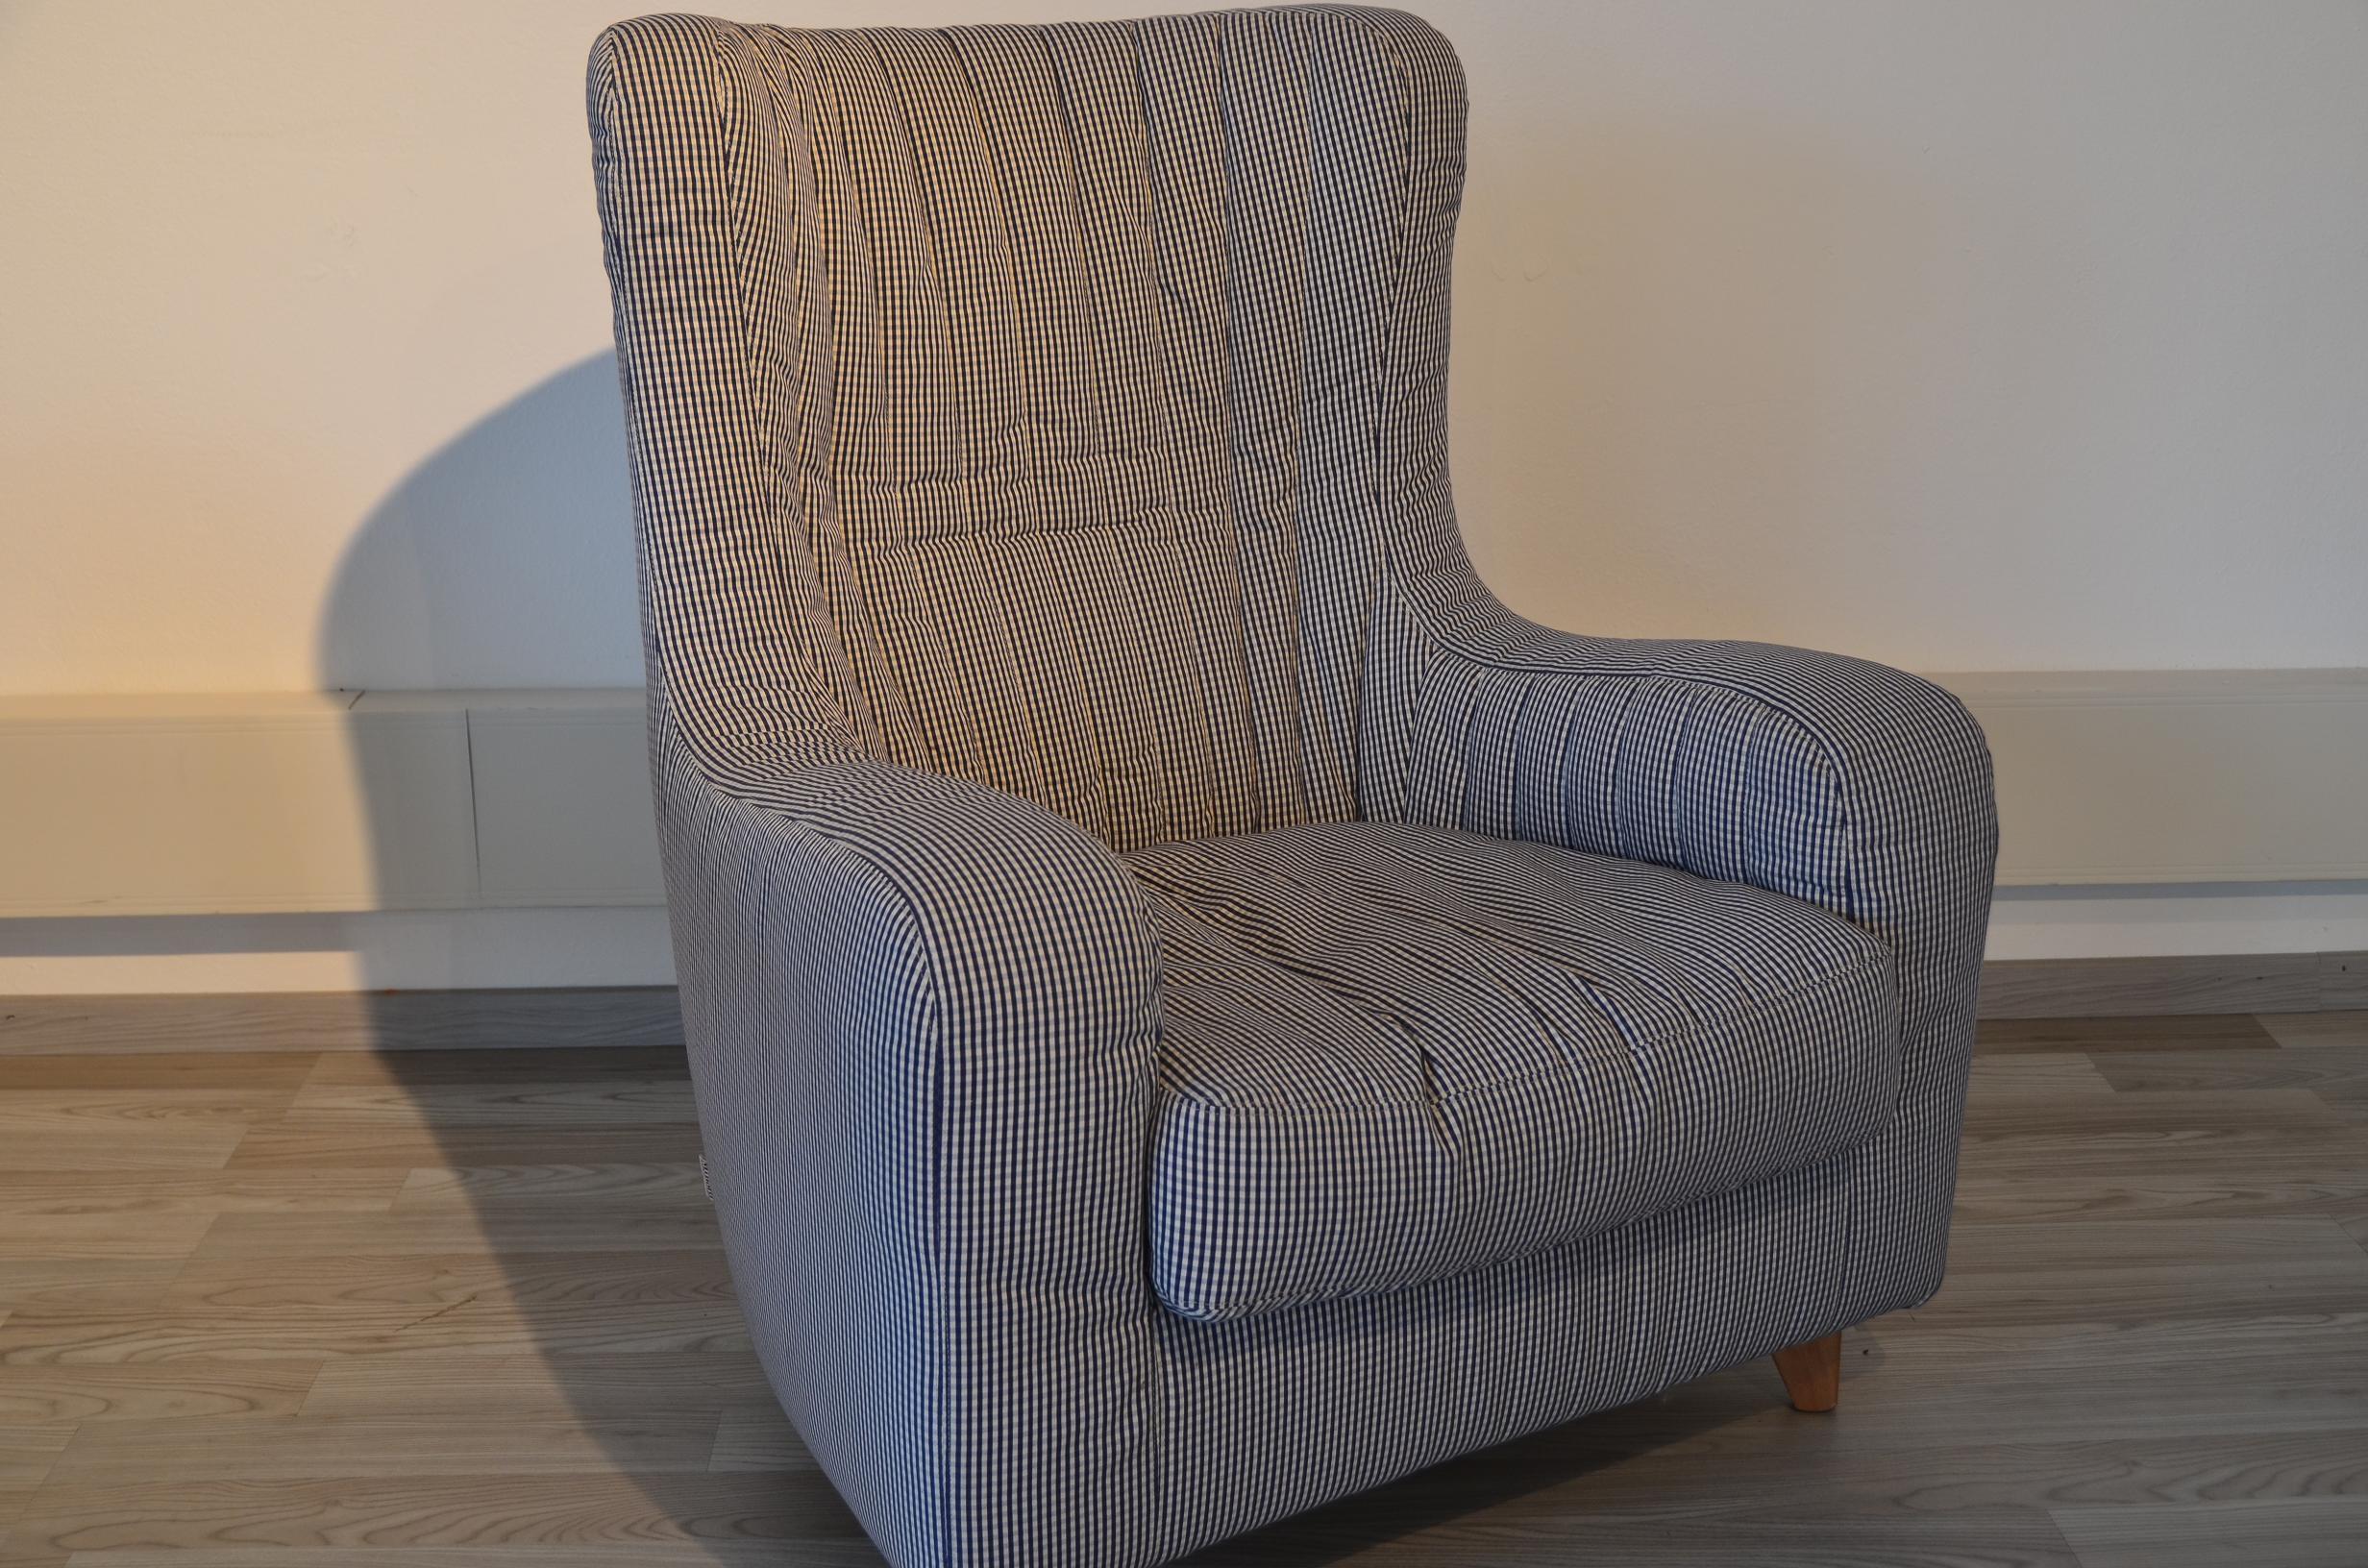 Minotti divano pezzo unico modello fuori produzione for Matteuzzi arredamenti